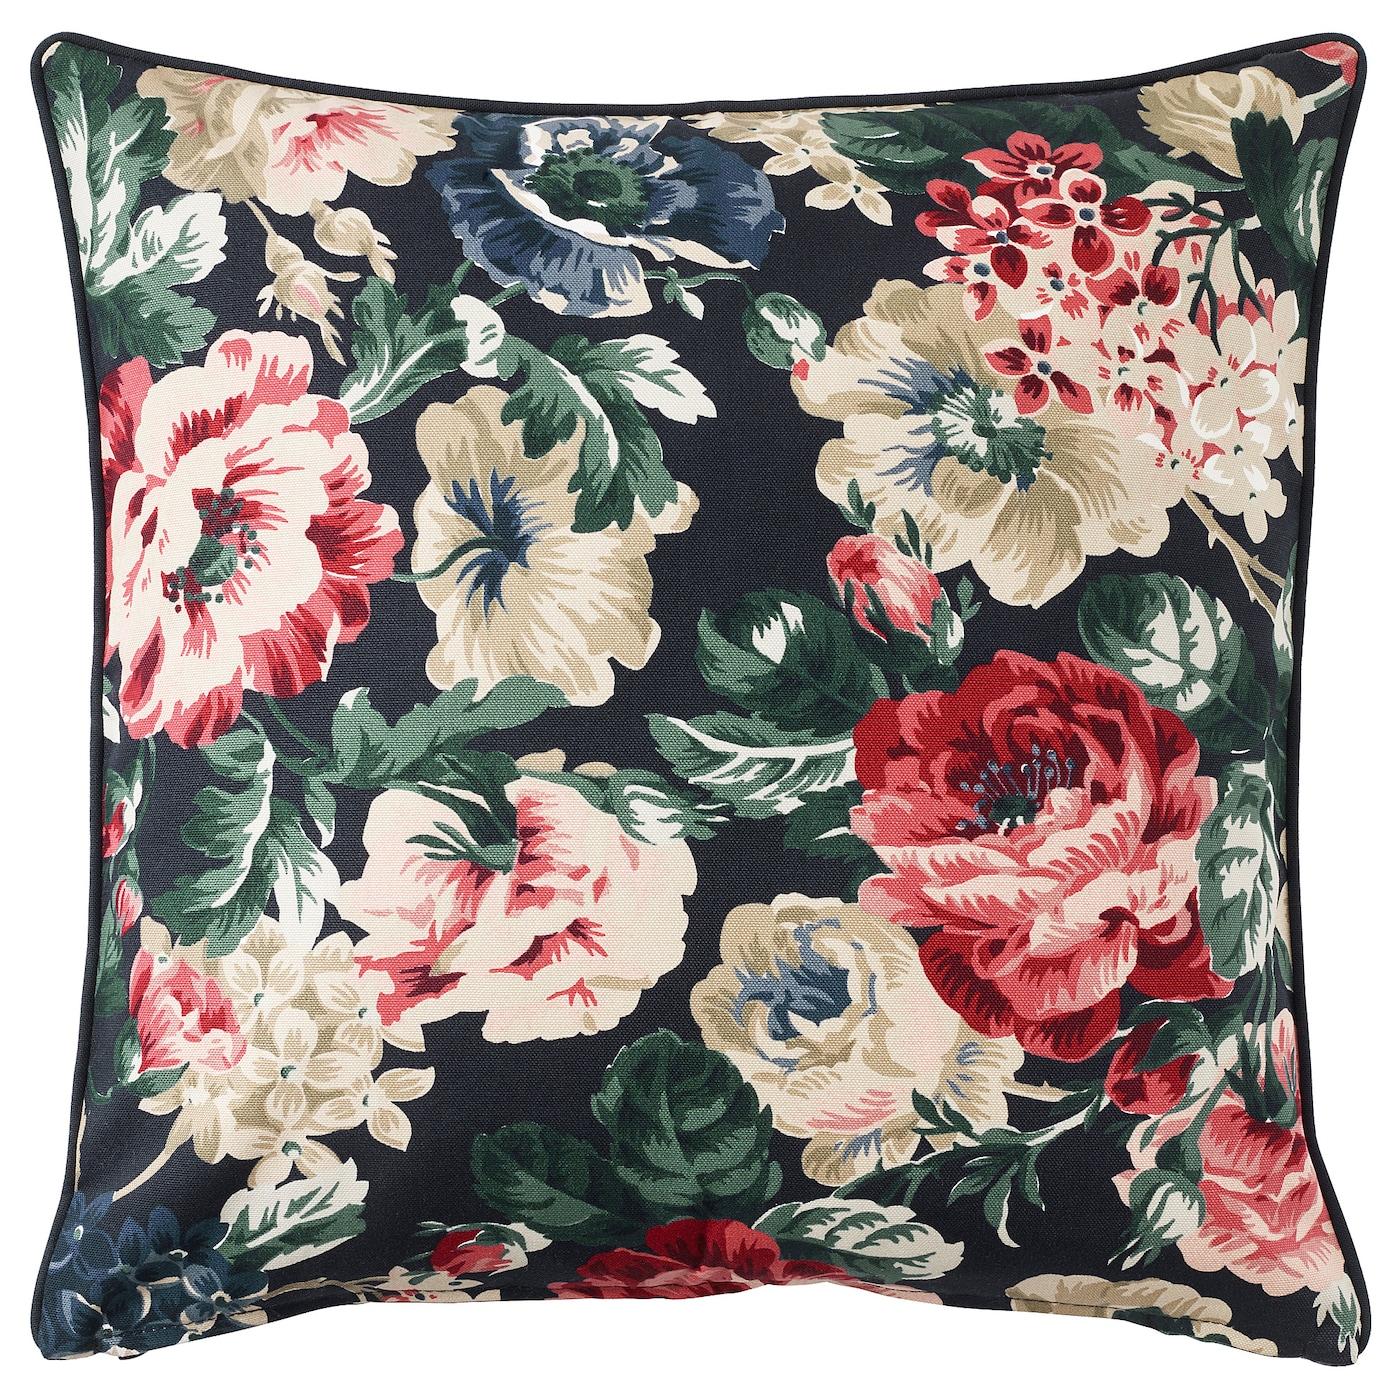 IKEA 50 x 50 cm.cushion couverture en couleurs différentes pour Canapé Literie home decor